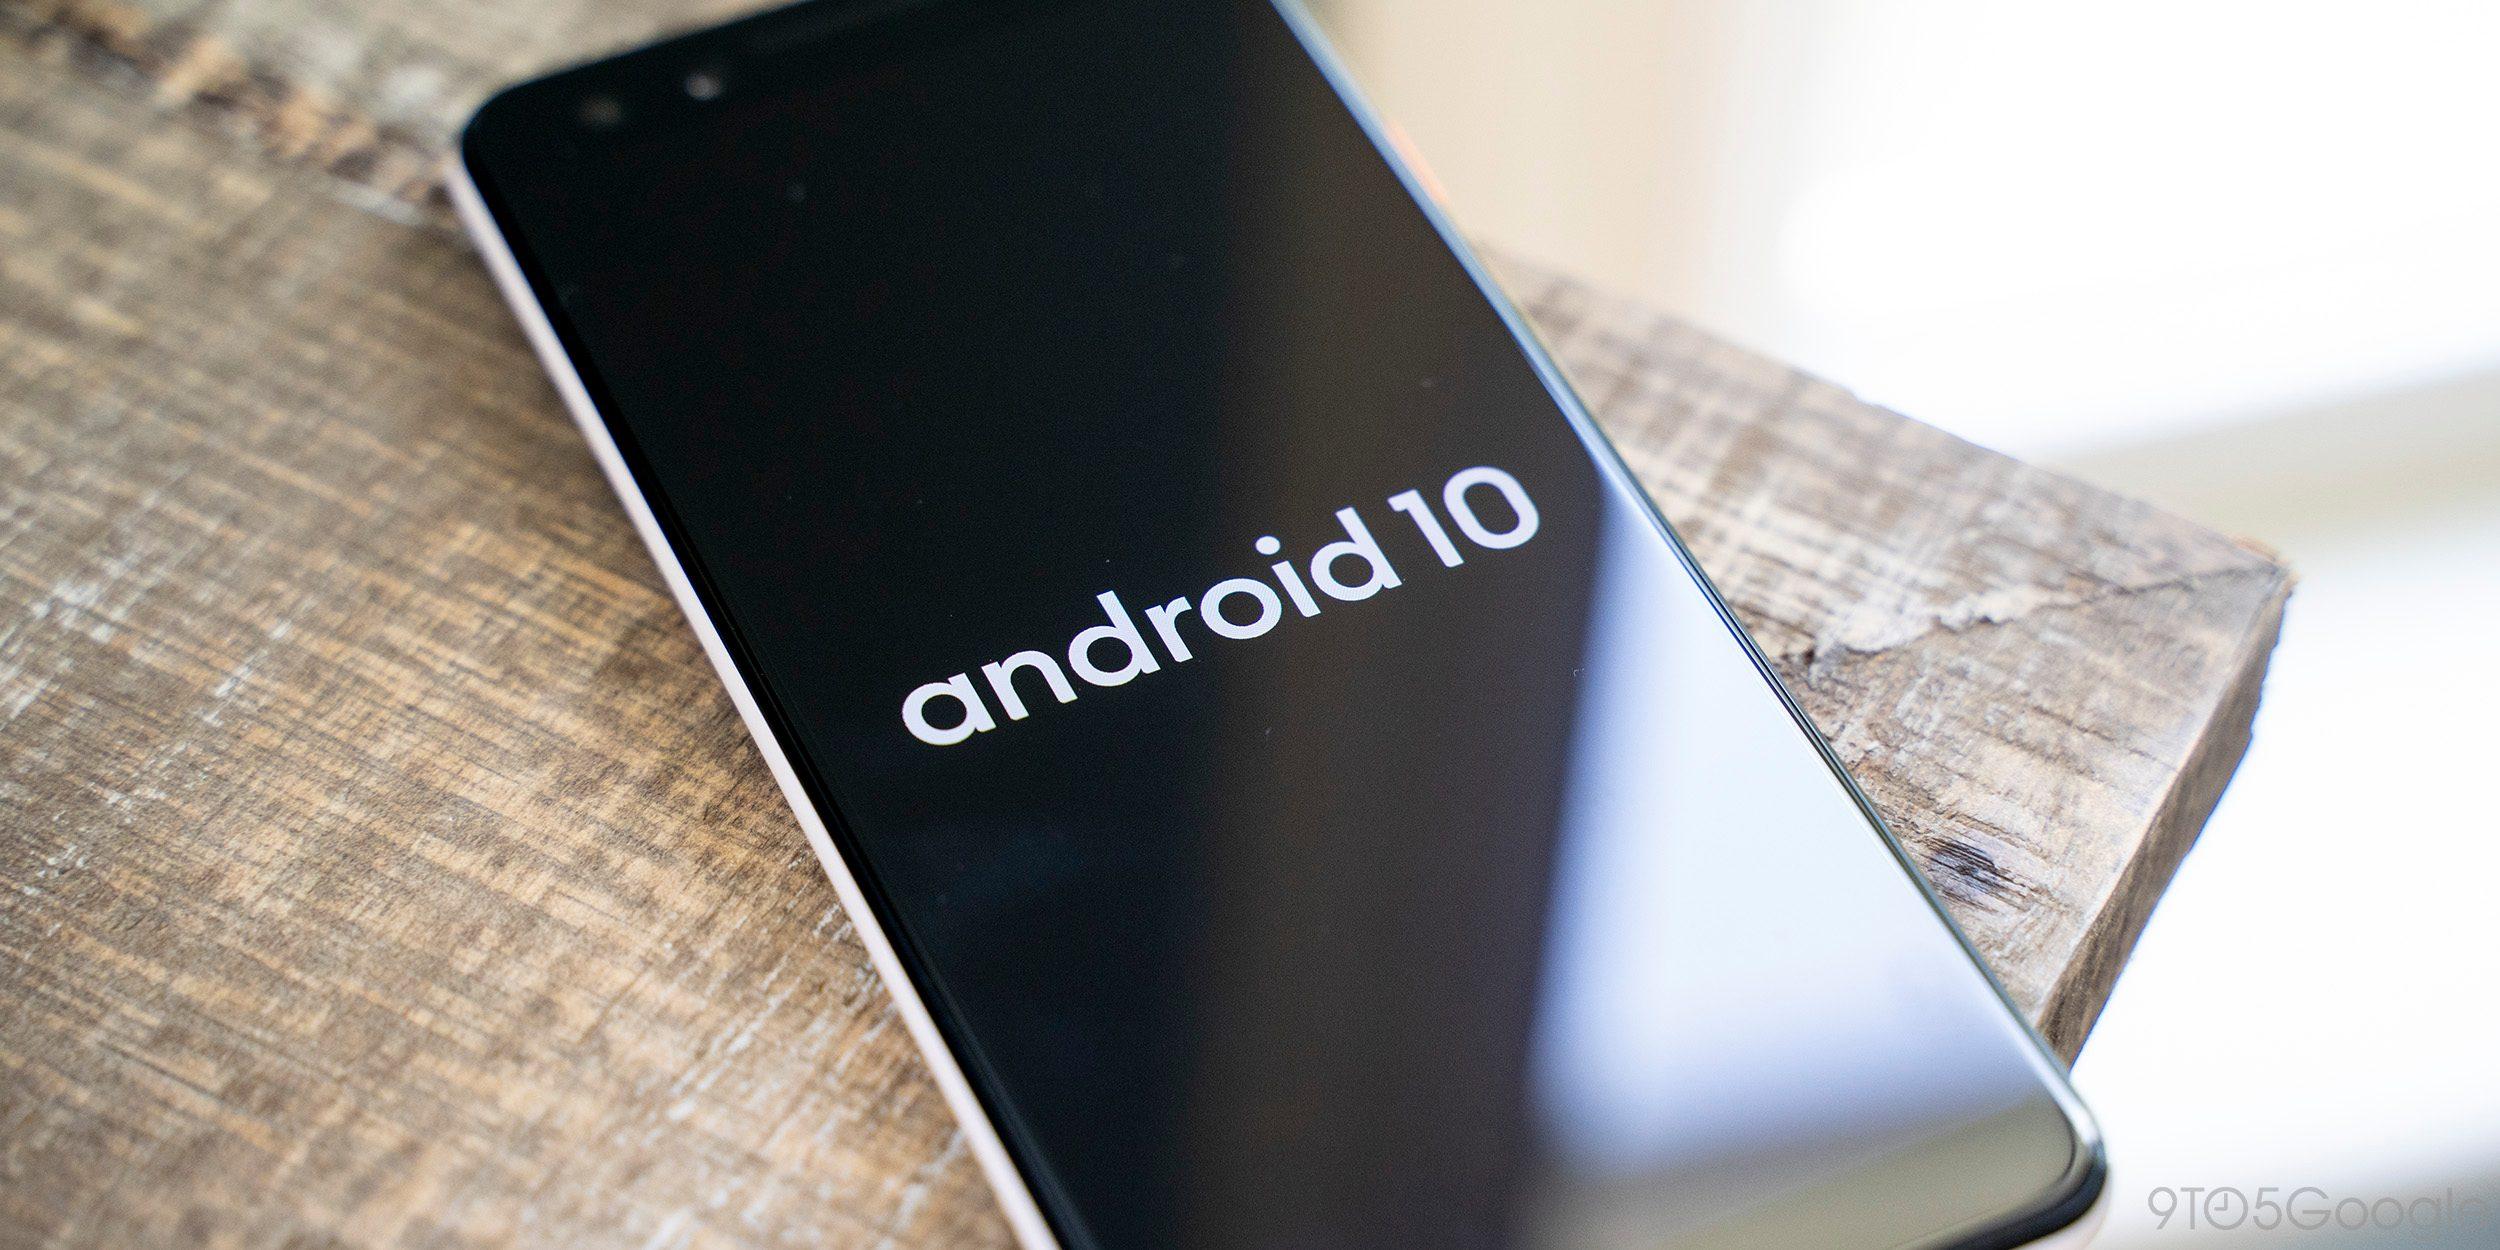 Android 10: la próxima versión del sistema operativo móvil de Google abandona los postres